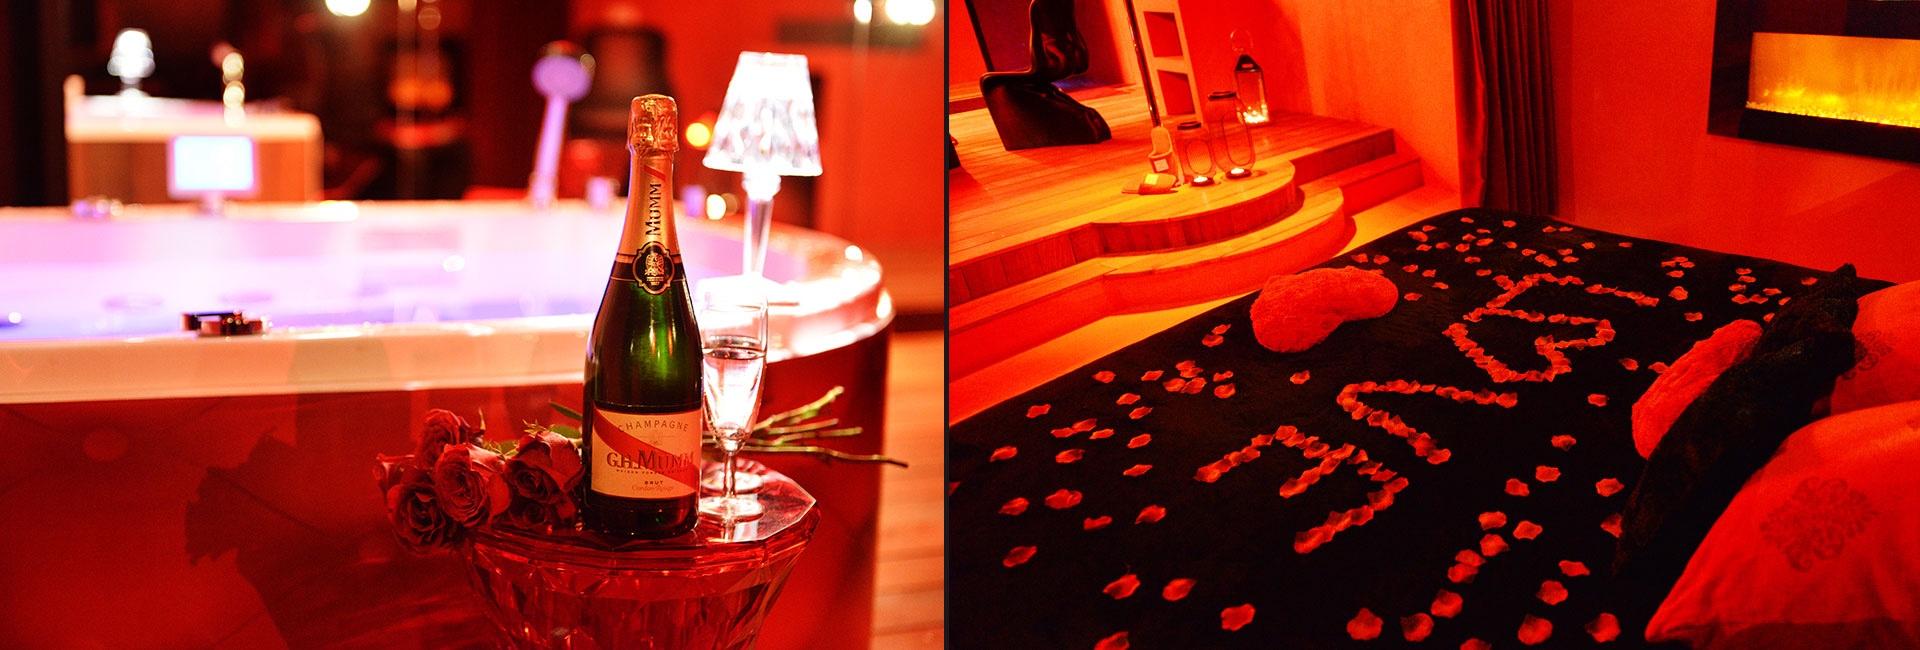 Chambre-de-charme-avec-jacuzzi-lyon-Le-Cabaret-spa.jpg